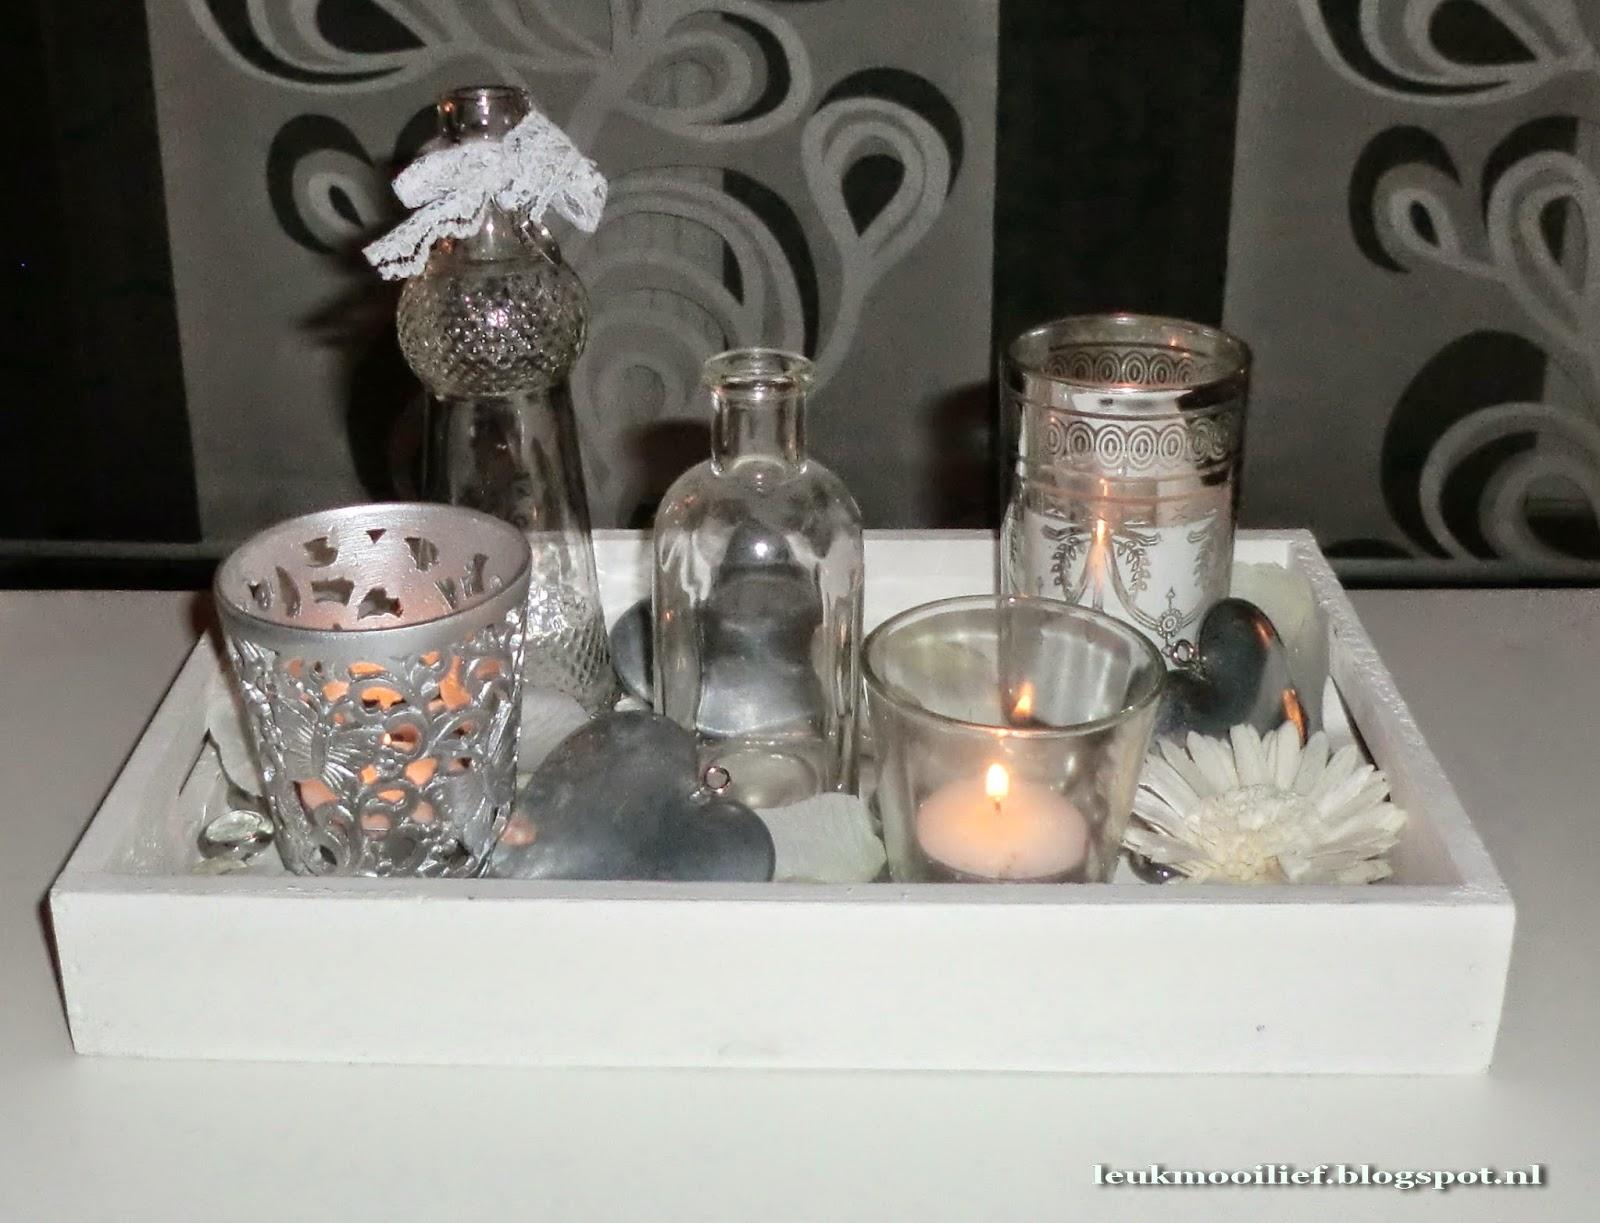 Leuk mooi lief kaarsjes decoratie for Decoratie herfst